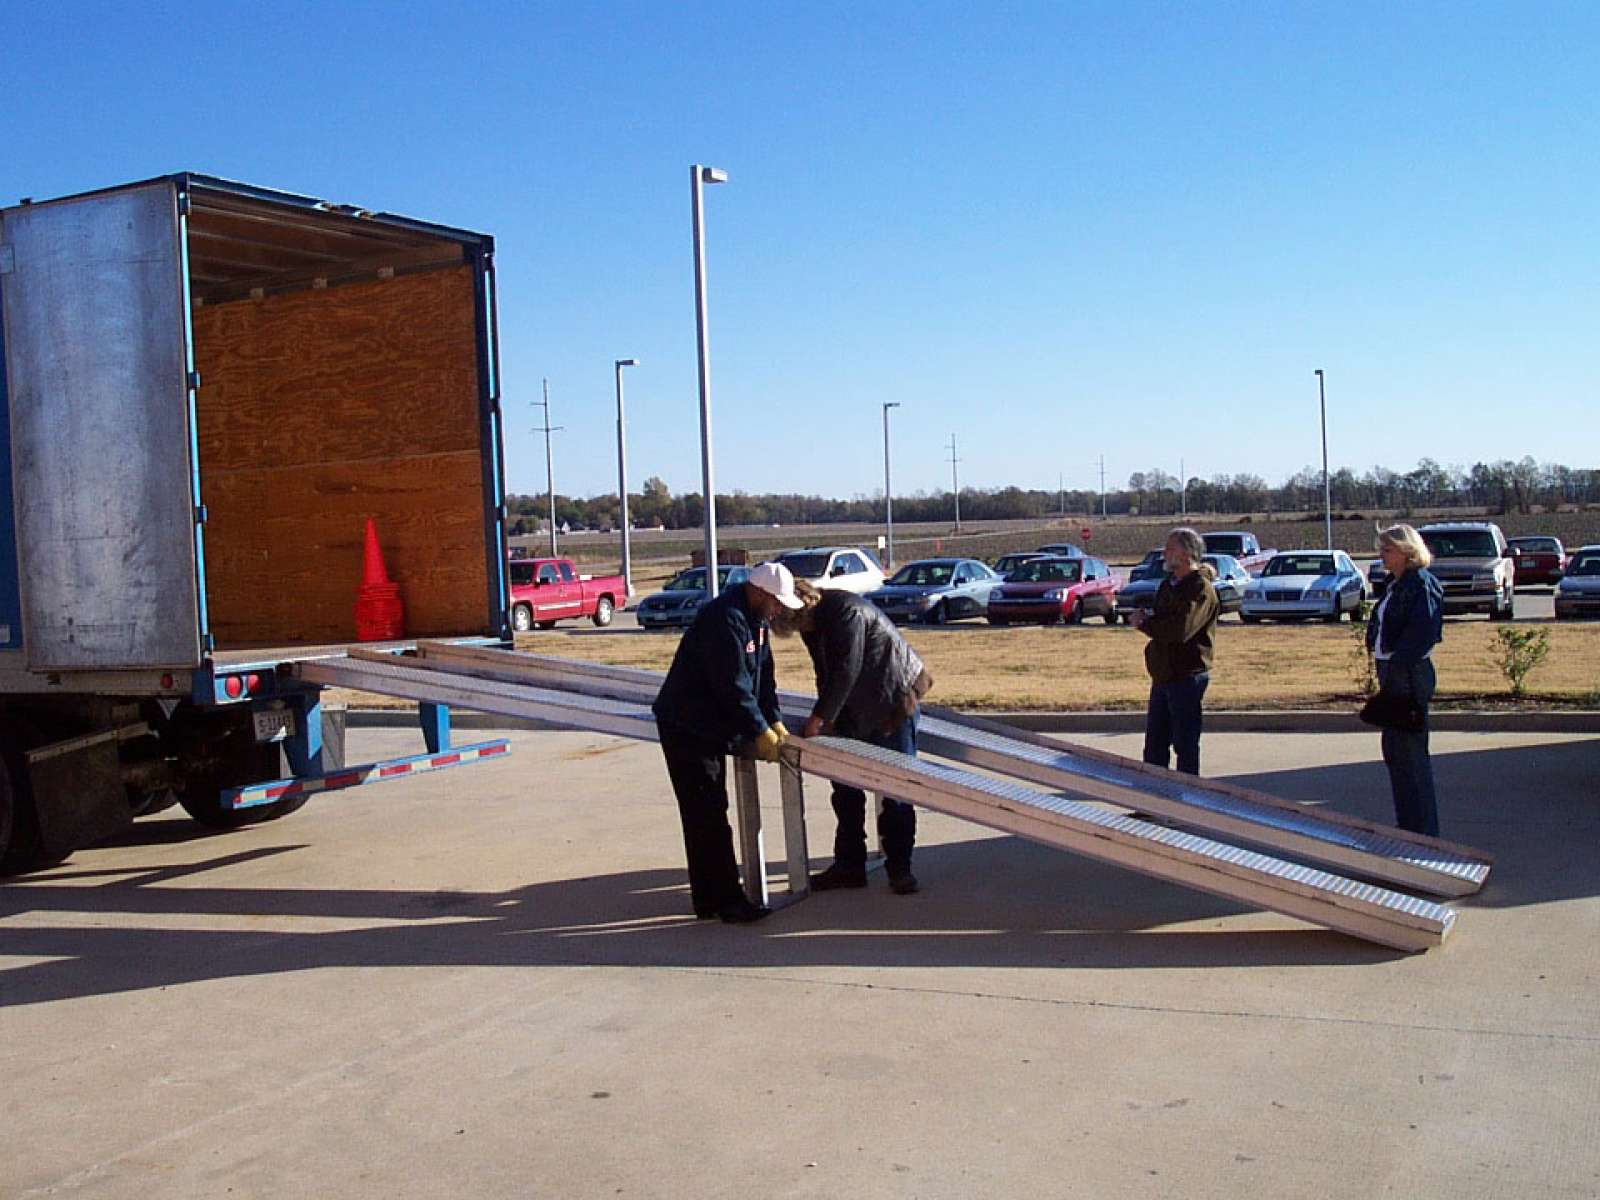 Between Fences Departure 11-29-2005 Greenville, Mississippi